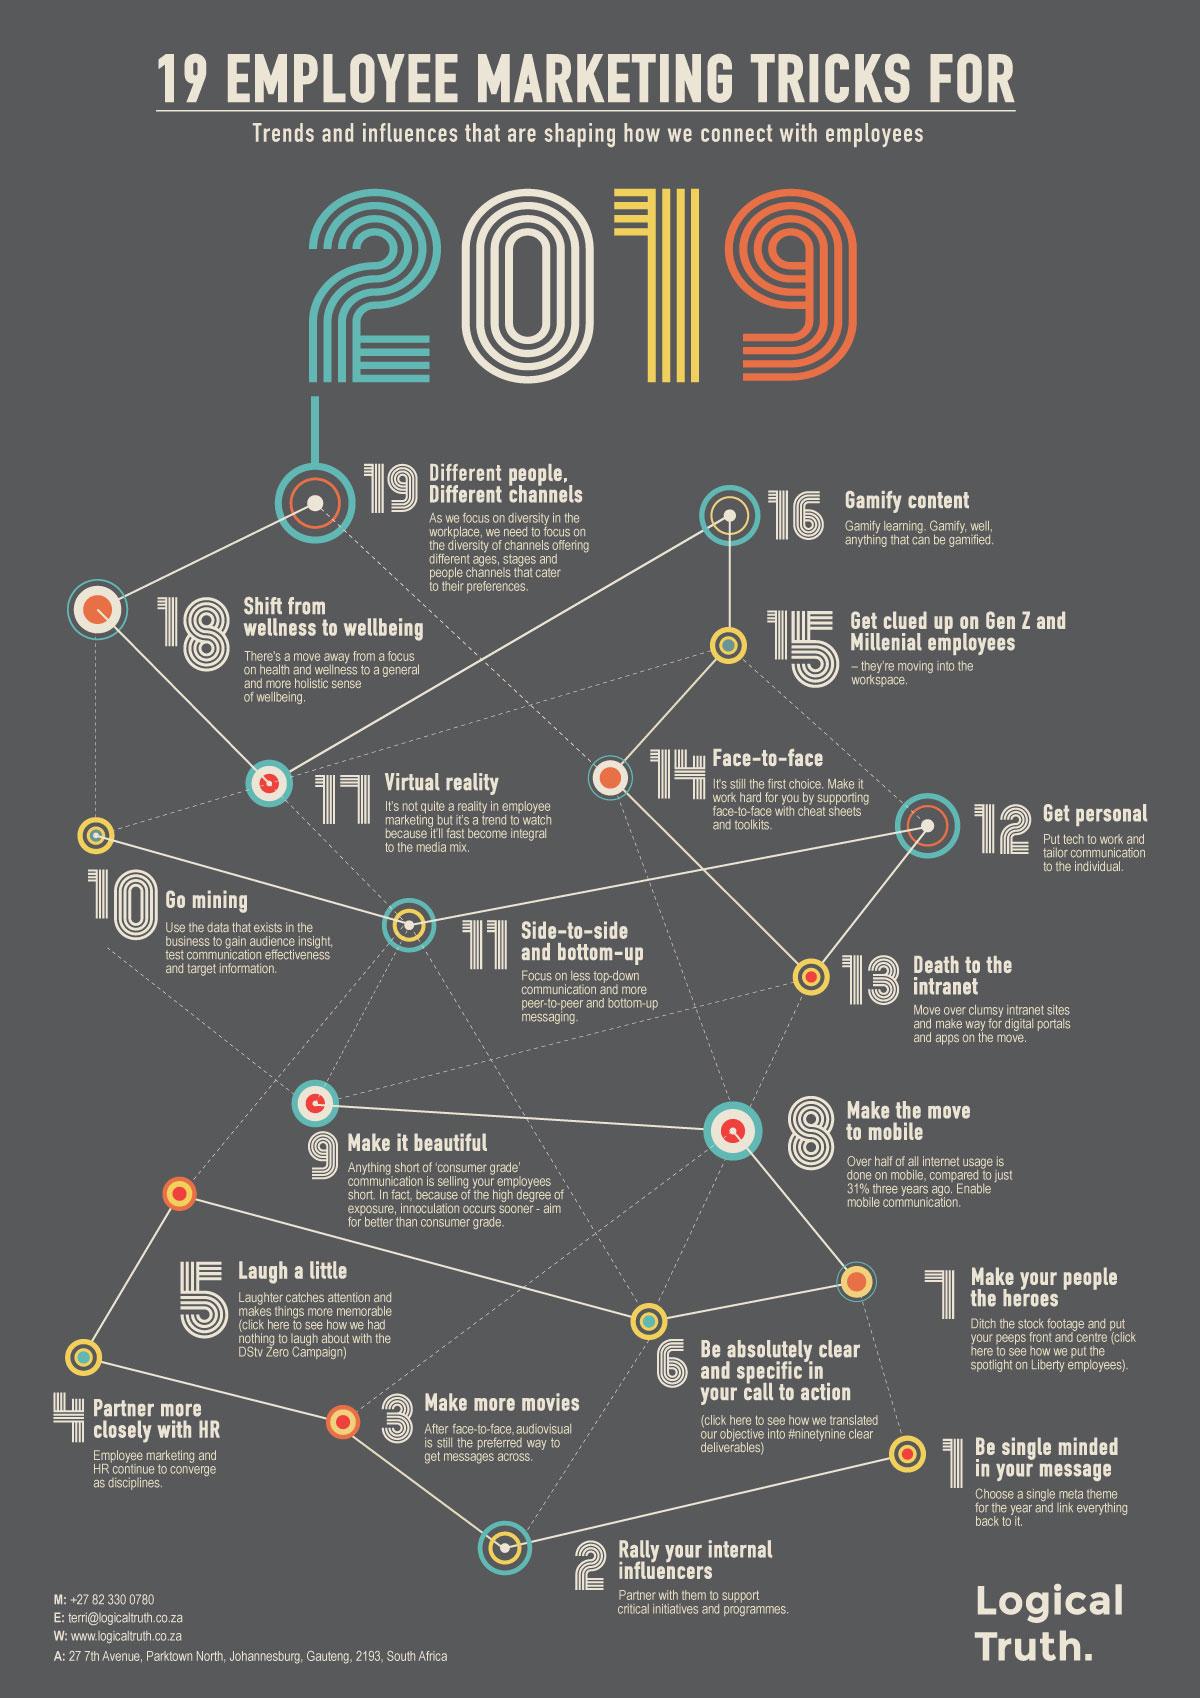 19 Tricks for 2019 V7 as @ 28 January 2019 - Logical Truth - 19 Tricks for 2019